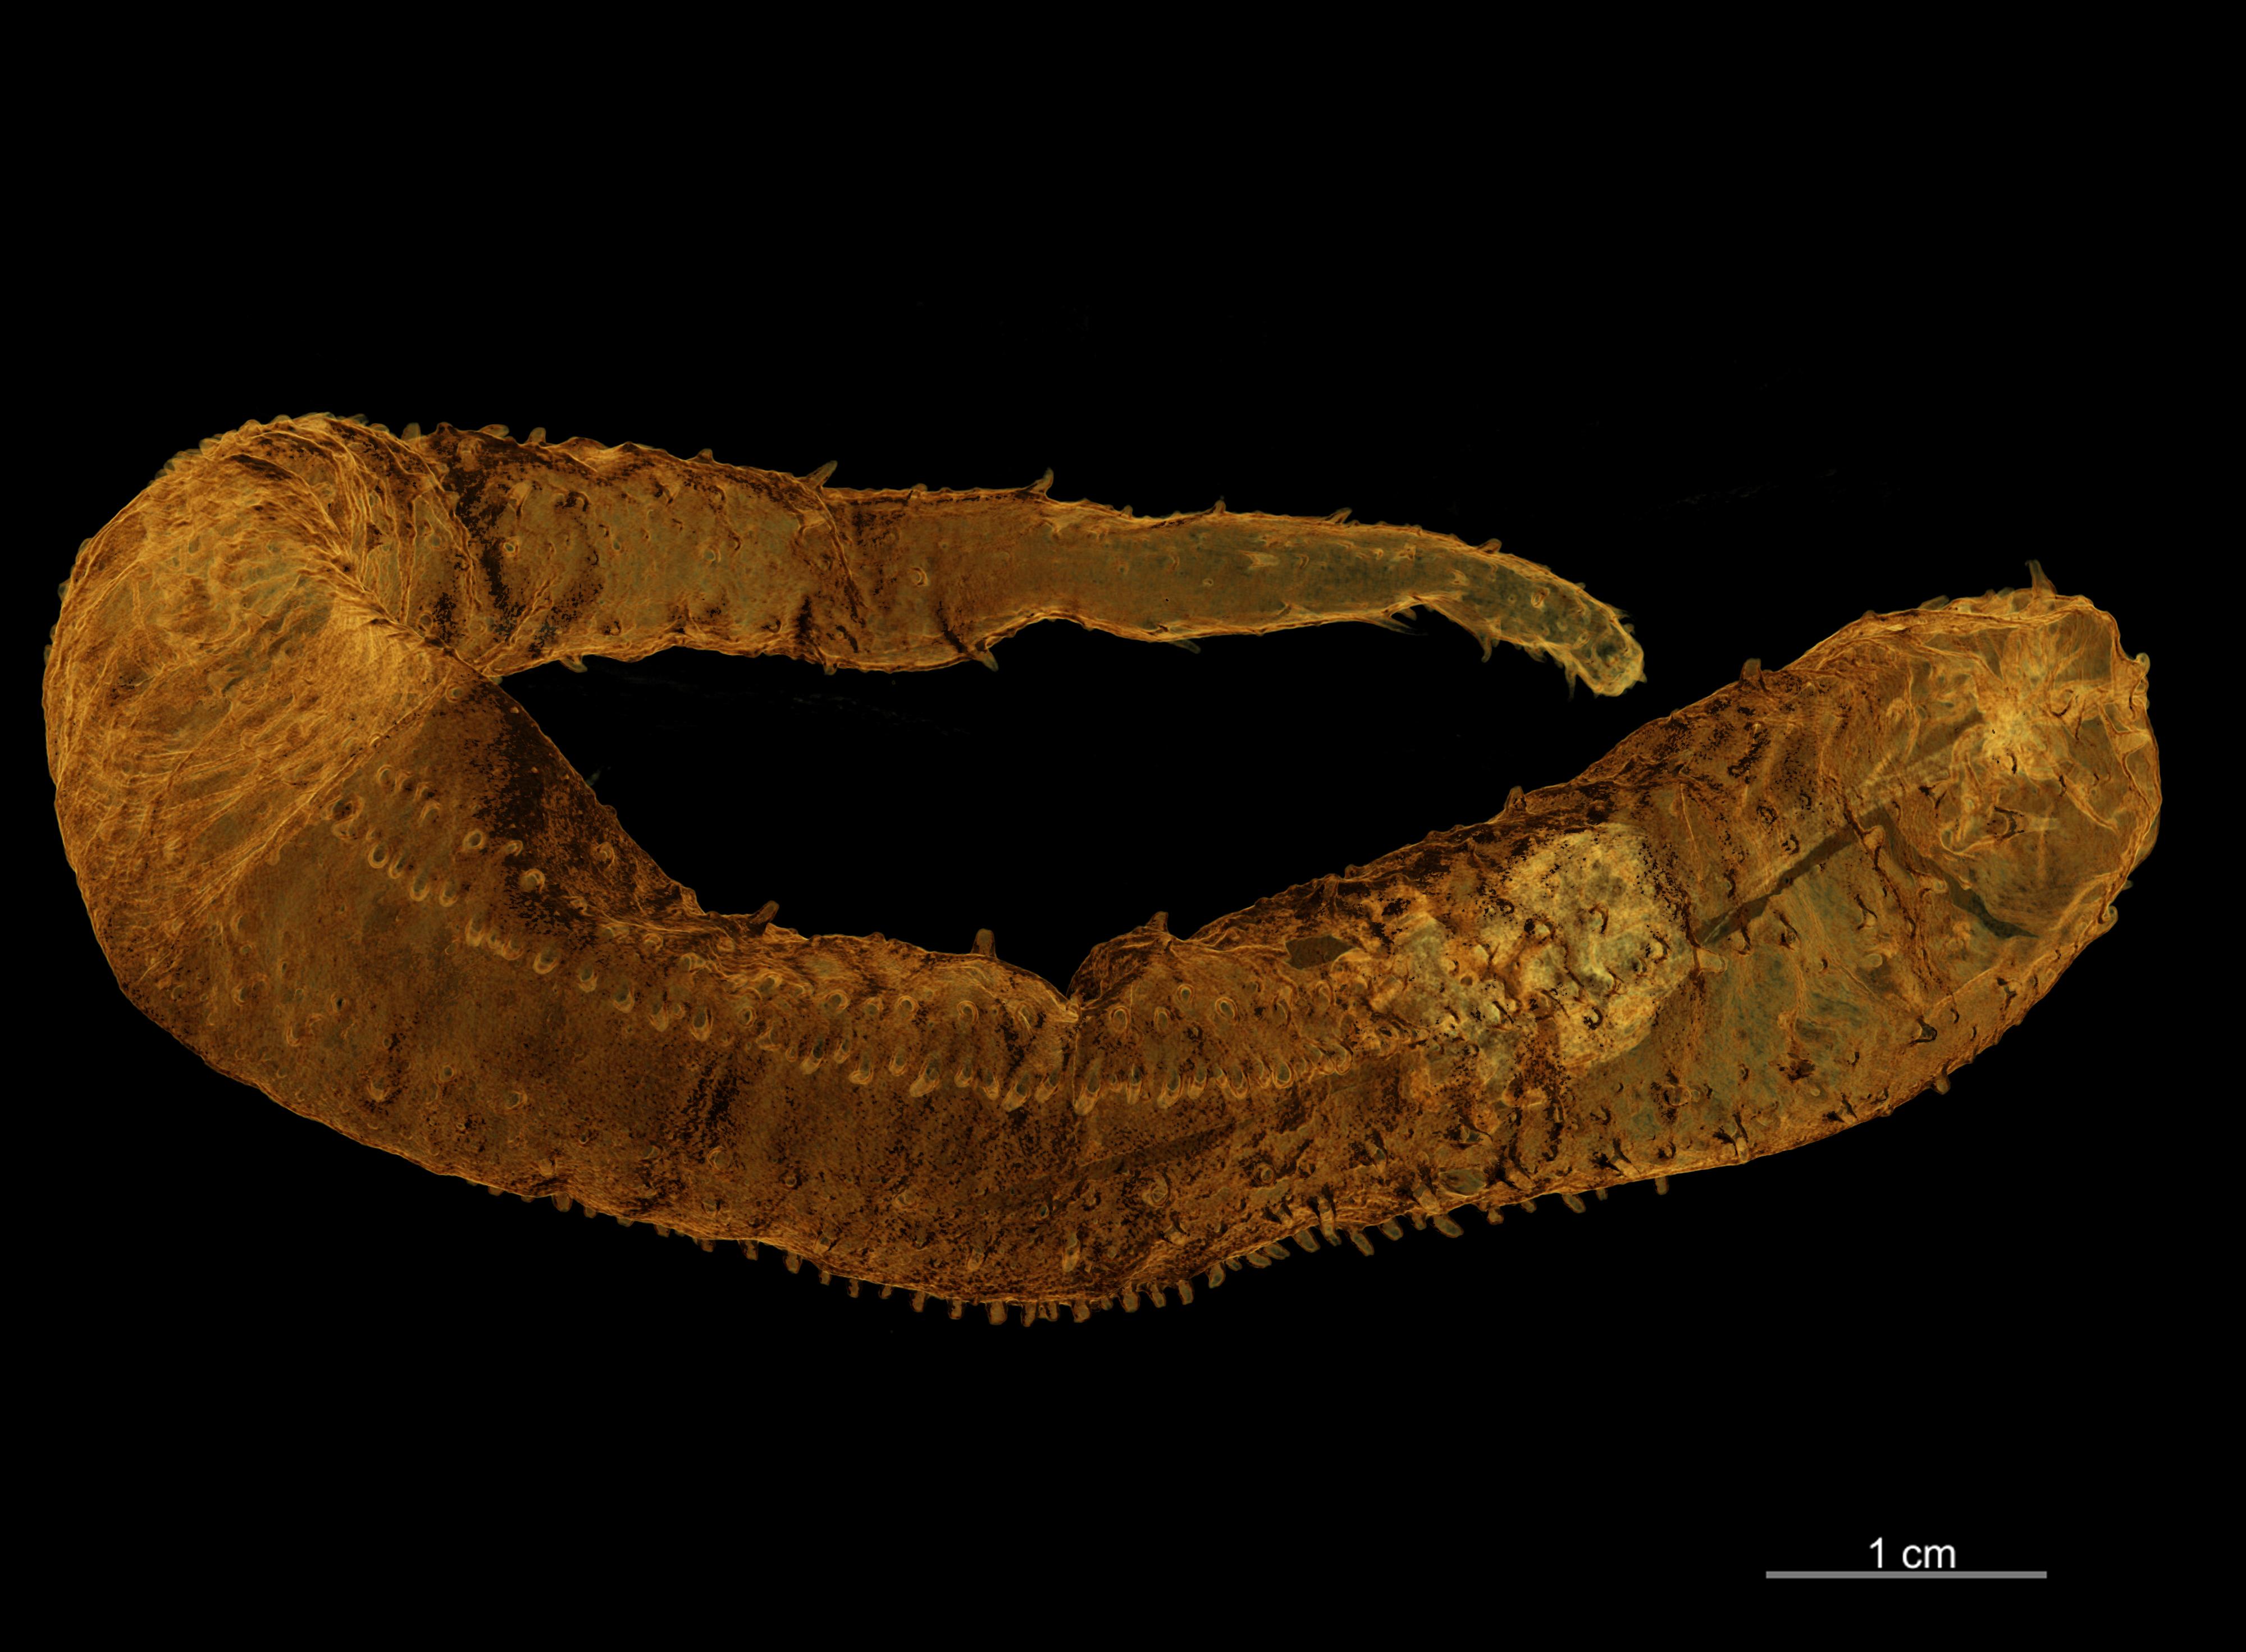 BE-RBINS-INV HOLOTYPE HOL.274 Trachythyone maxima HABITUS.jpg